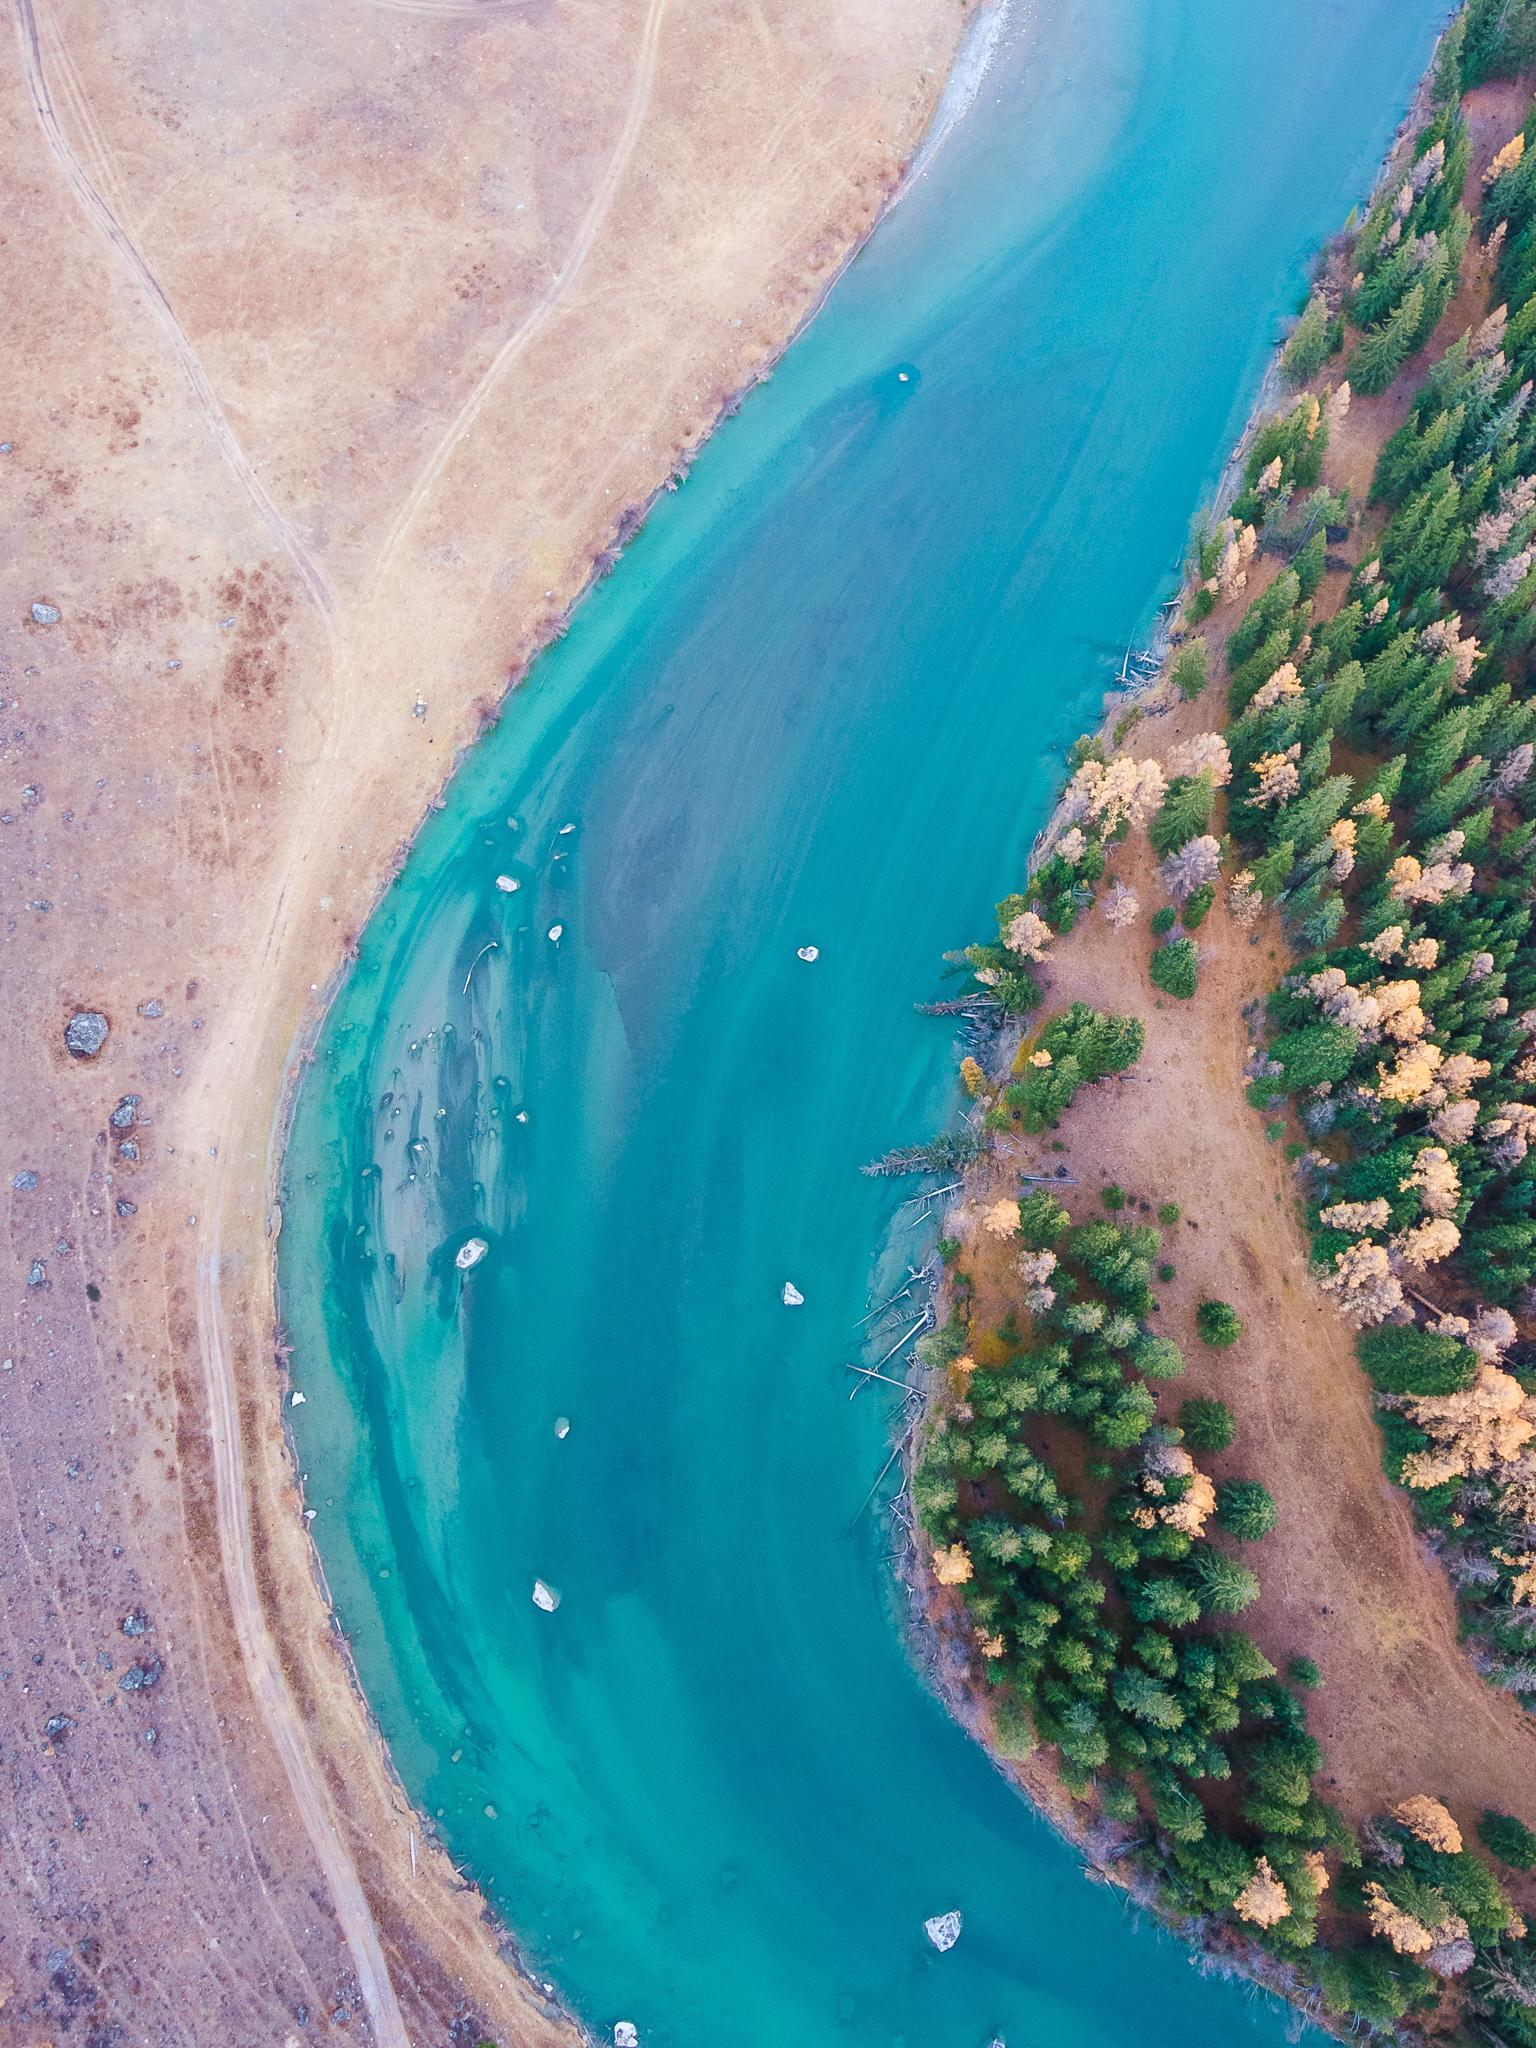 Altai River flow